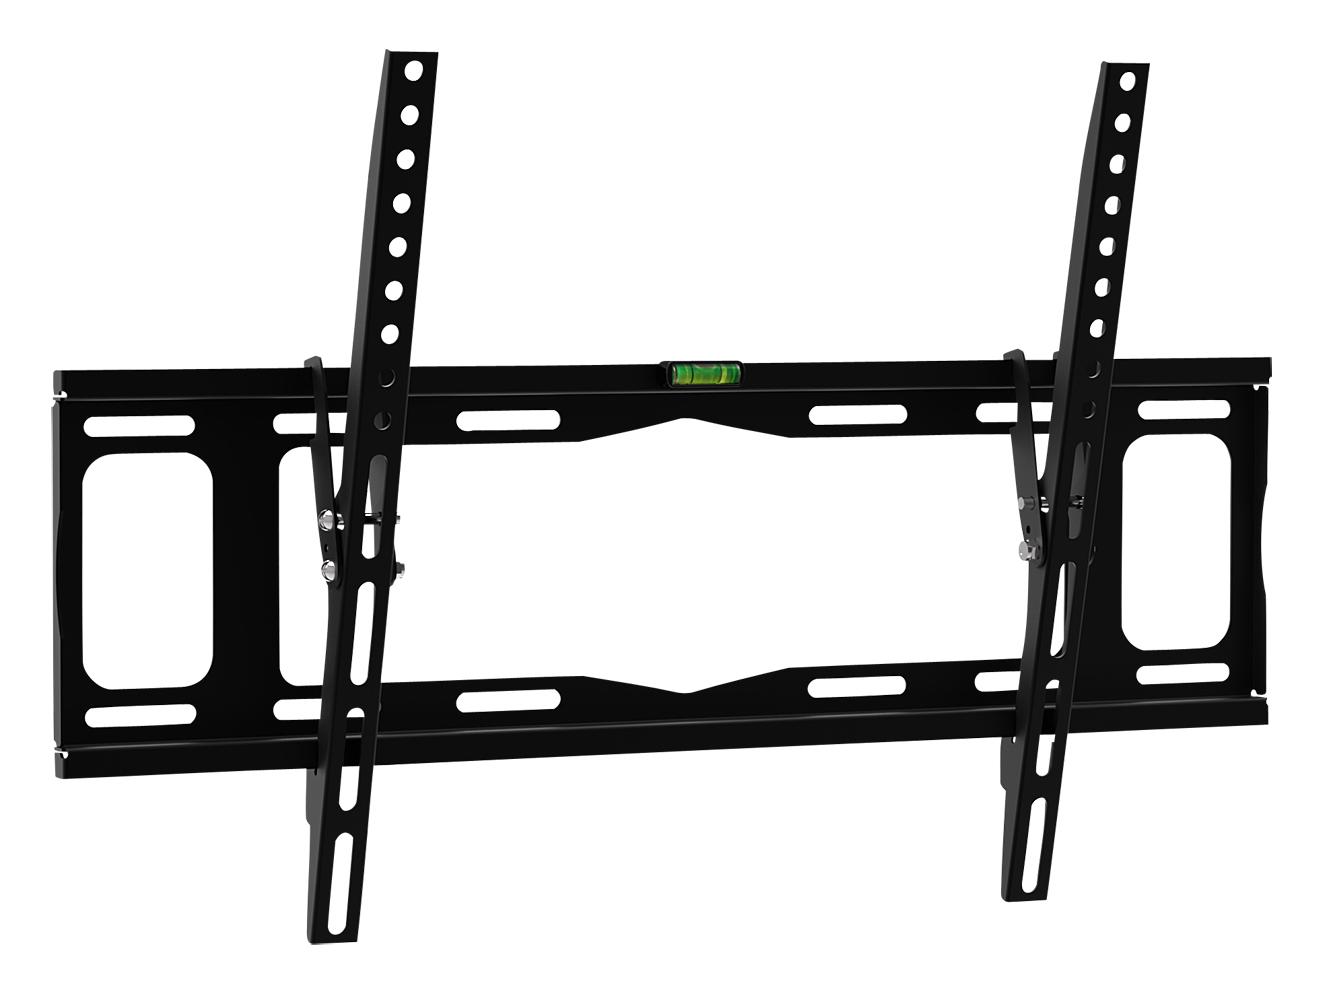 Lindy Befestigungskit ( Wandmontage ) für LCD-/Plasmafernseher - Stahl - Schwarz